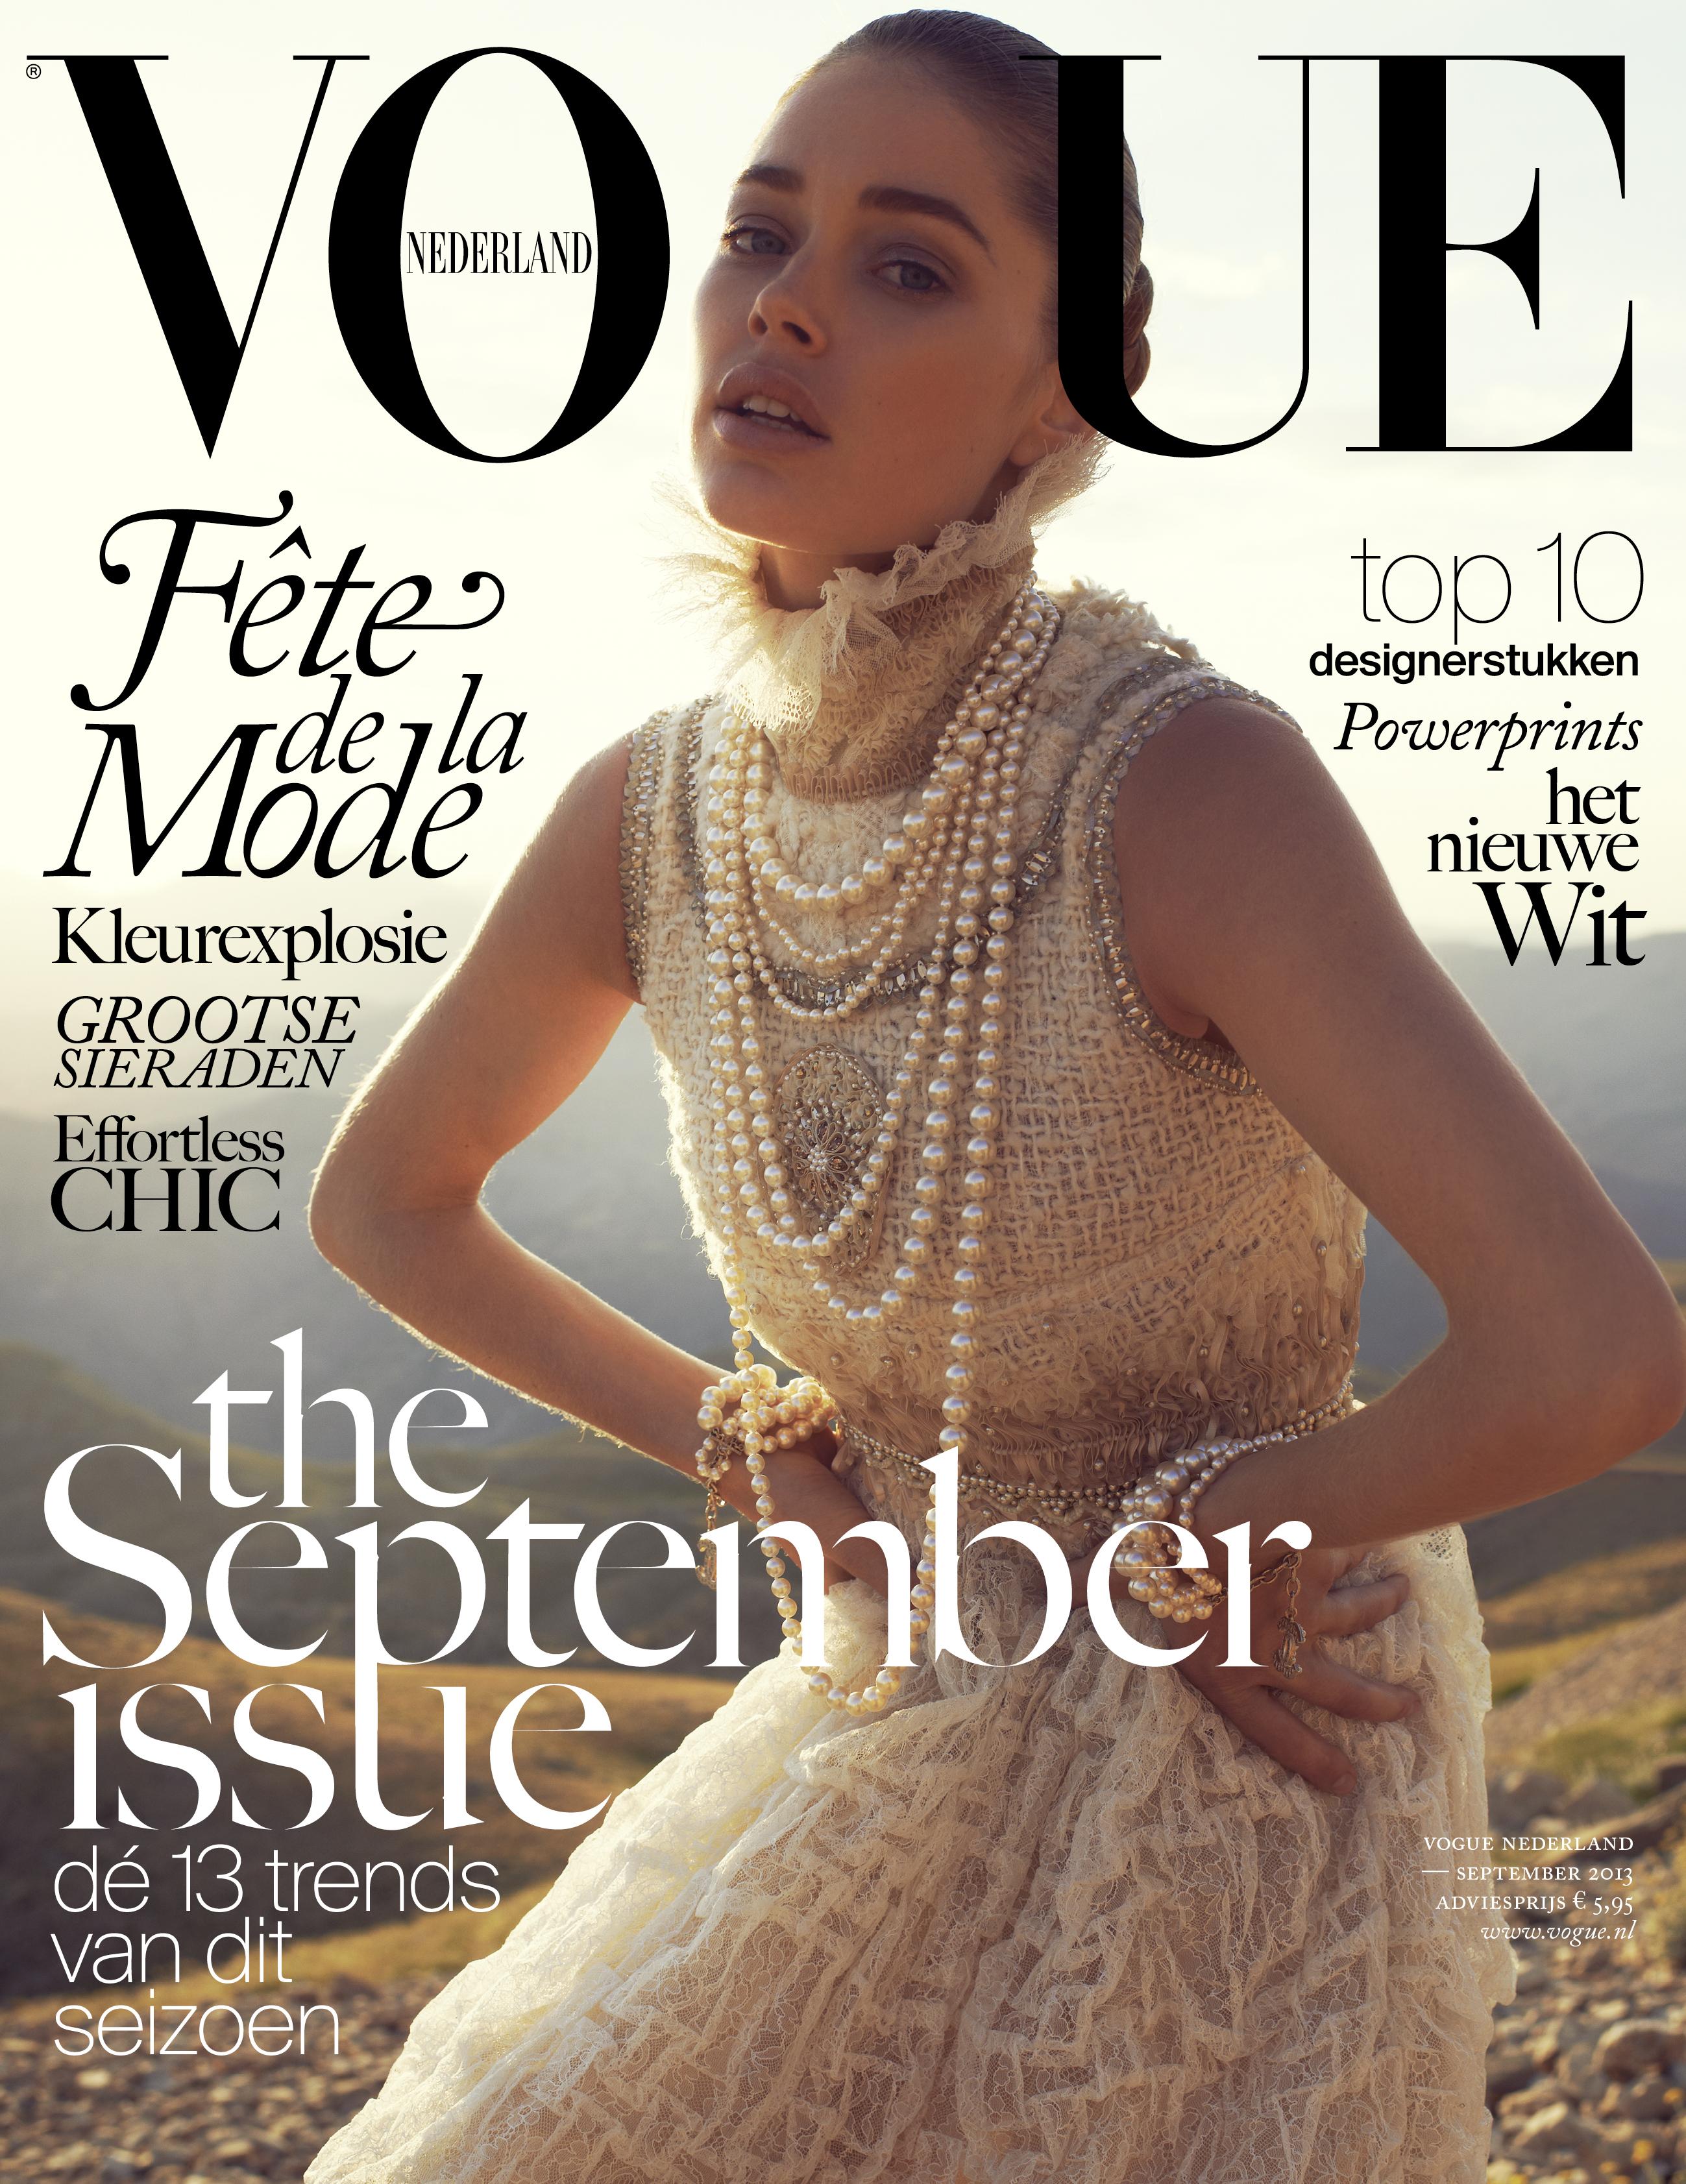 Doutzen Kroes September Vogue Nederland 2013 Tessted (6)